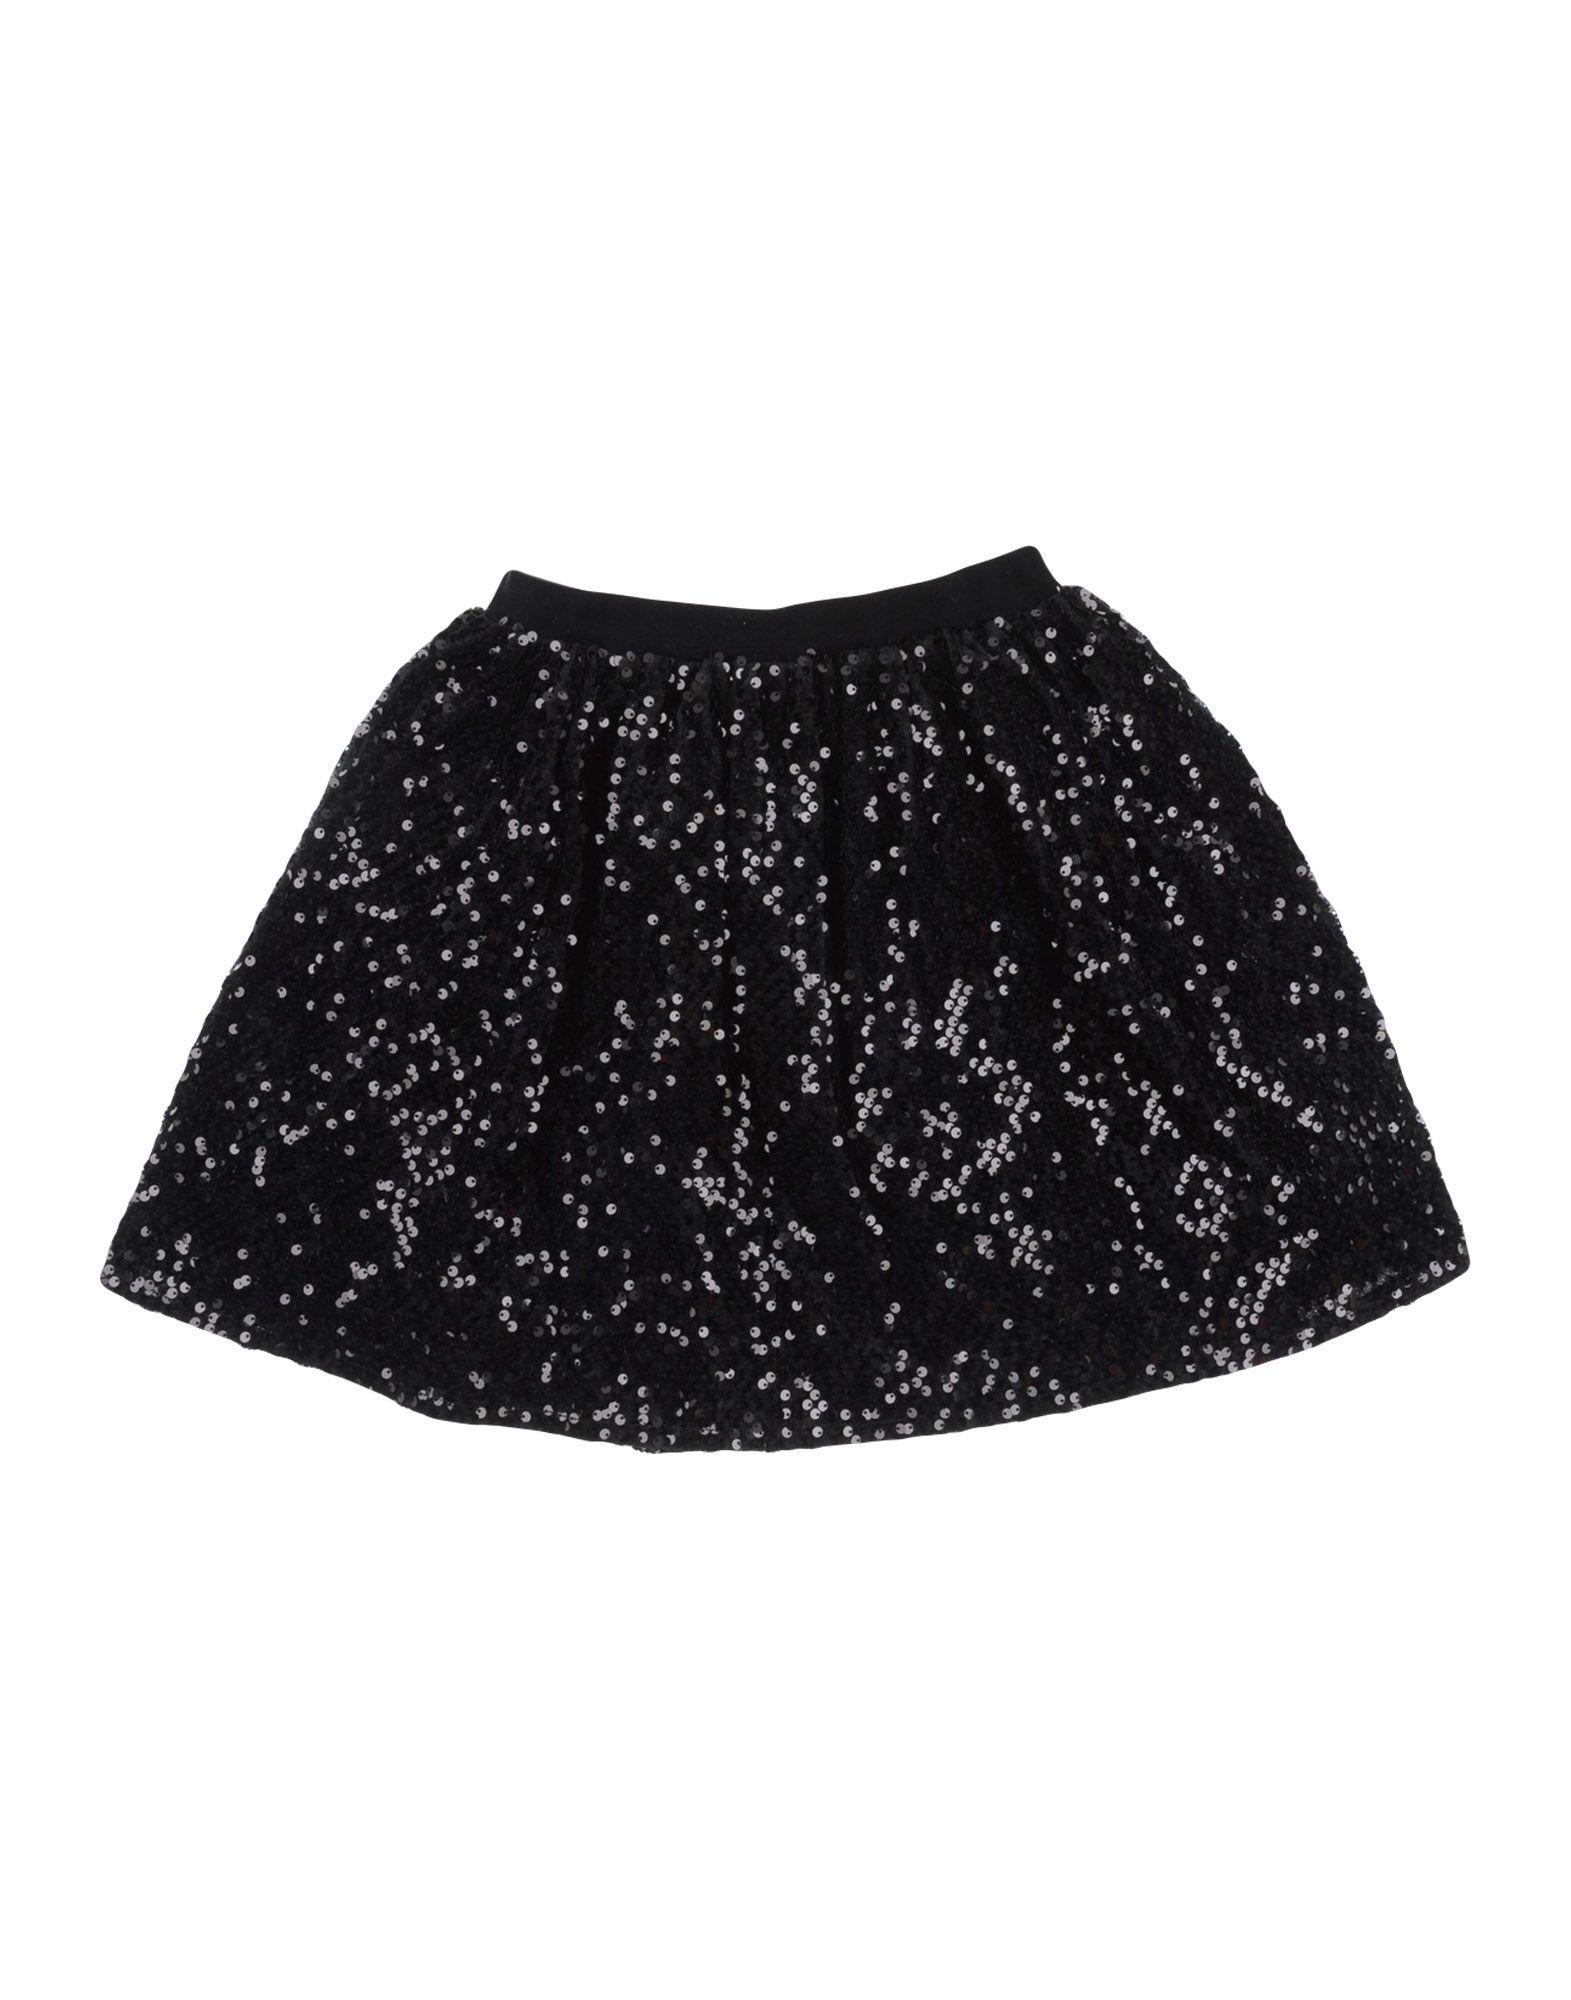 《セール開催中》GAUD? ガールズ 9-16 歳 スカート ブラック 10 ポリエステル 100% / ナイロン / ポリウレタン / ポリ塩化ビニル